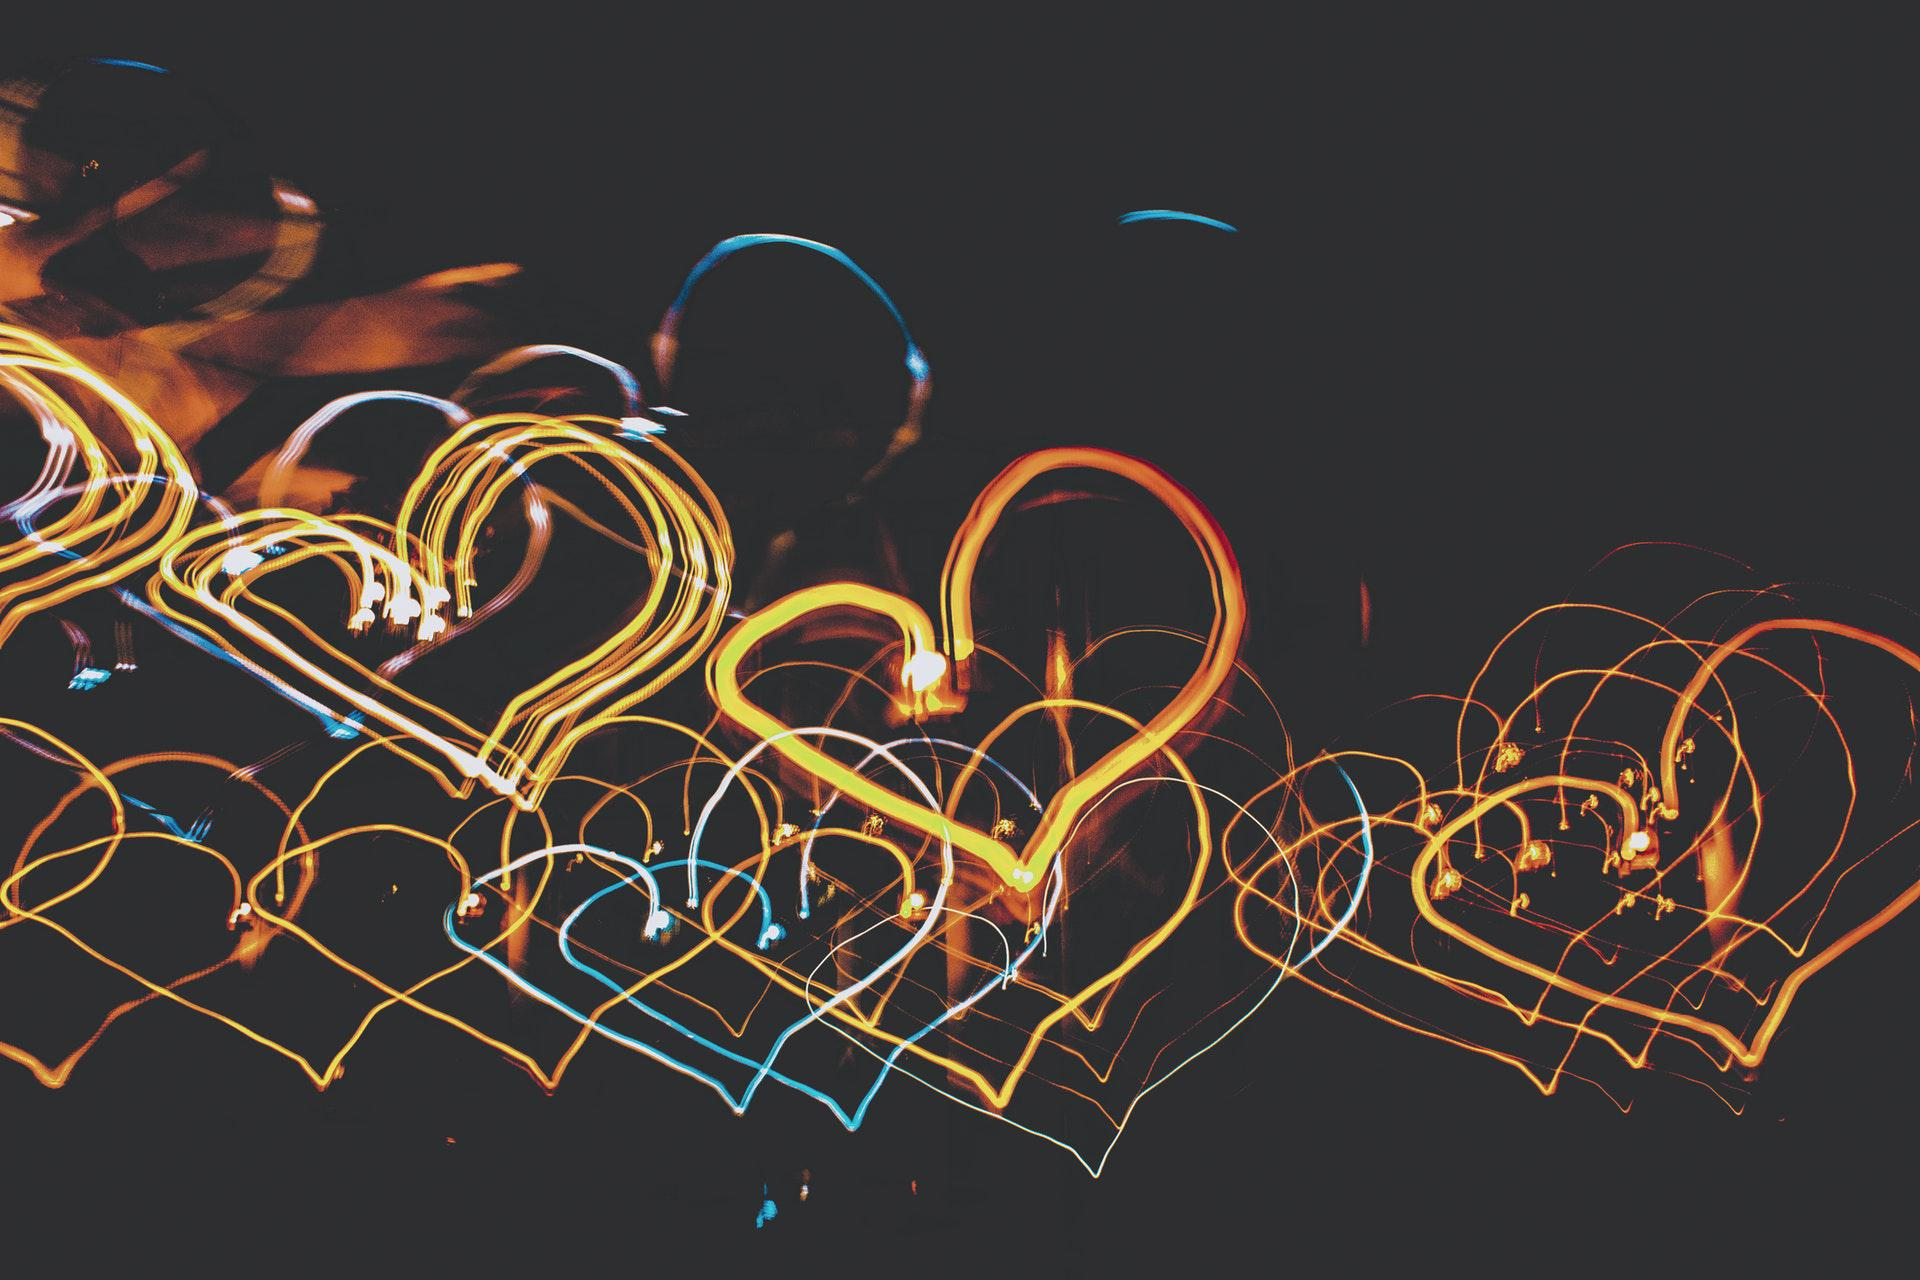 عکس زمینه نورپردازی شکل قلب پس زمینه